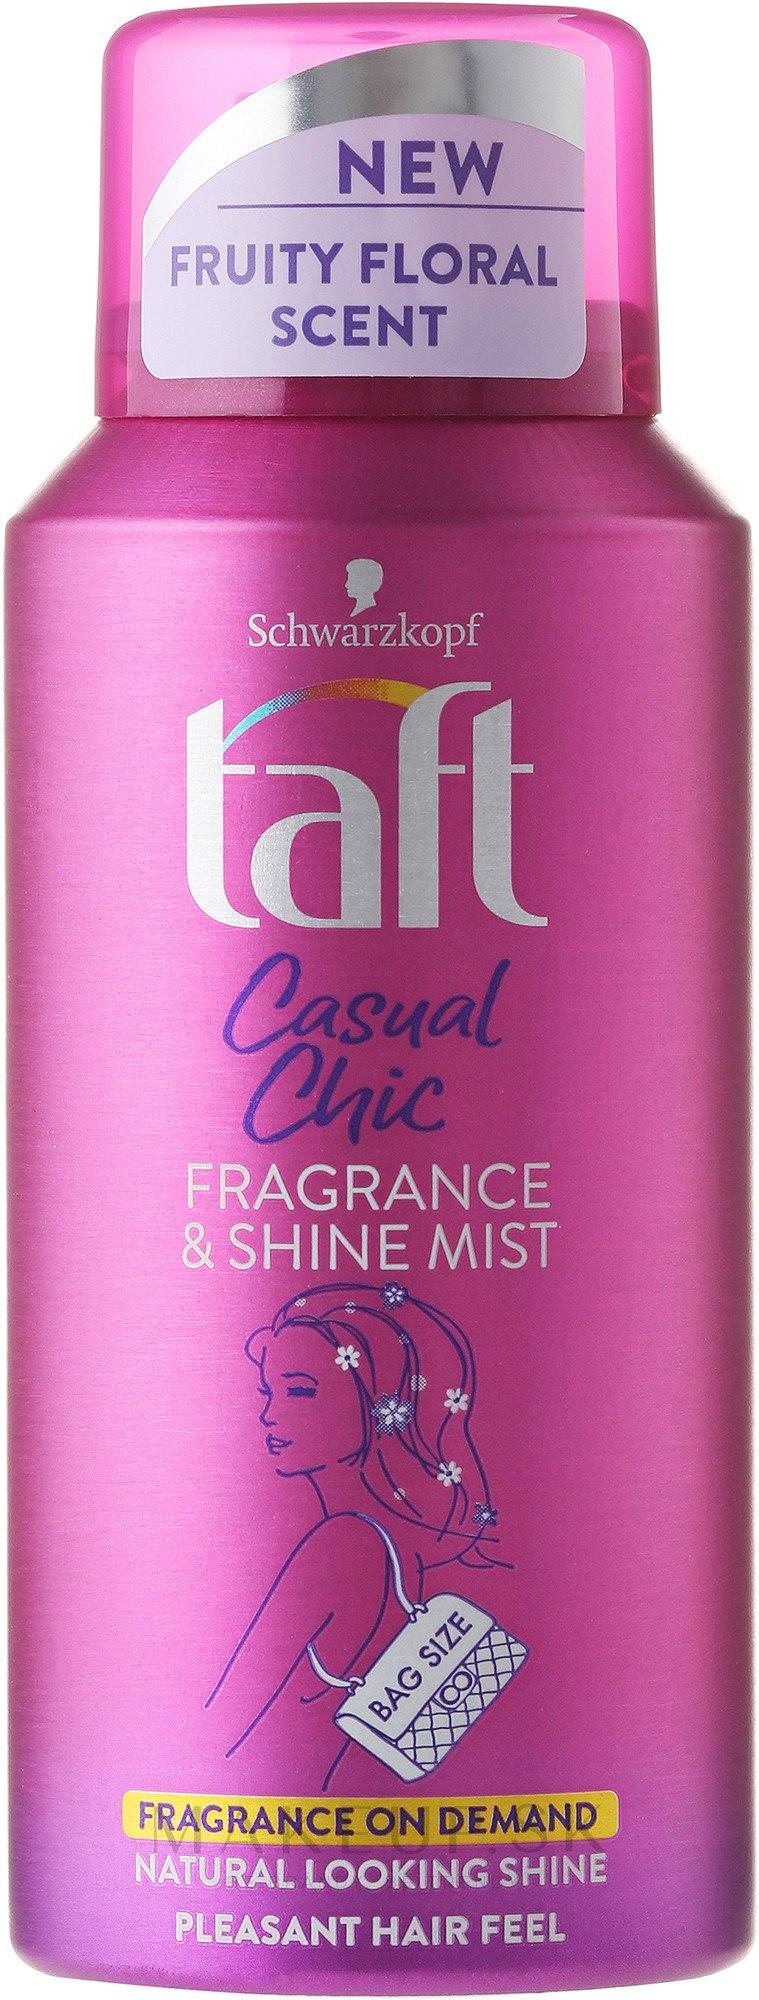 Sprej na vlasy osviežujúci - Schwarzkopf Taft Casual Chic Fragrance & Shine Mist — Obrázky 100 ml